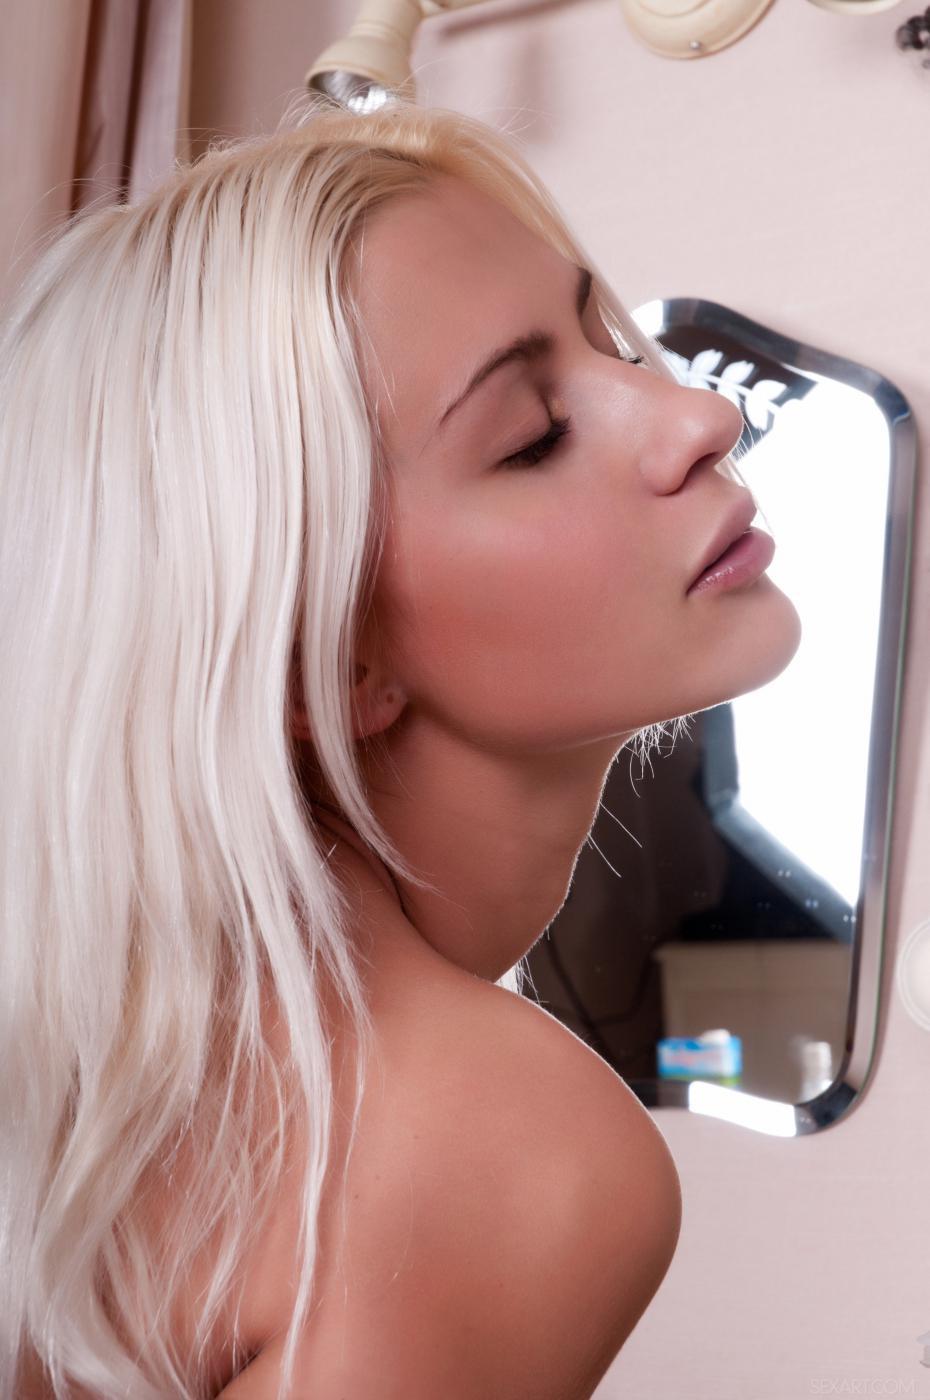 Сексуальная и приятная модель со свелыми волосами Cathy S - негодная модель, которая возбуждает себя